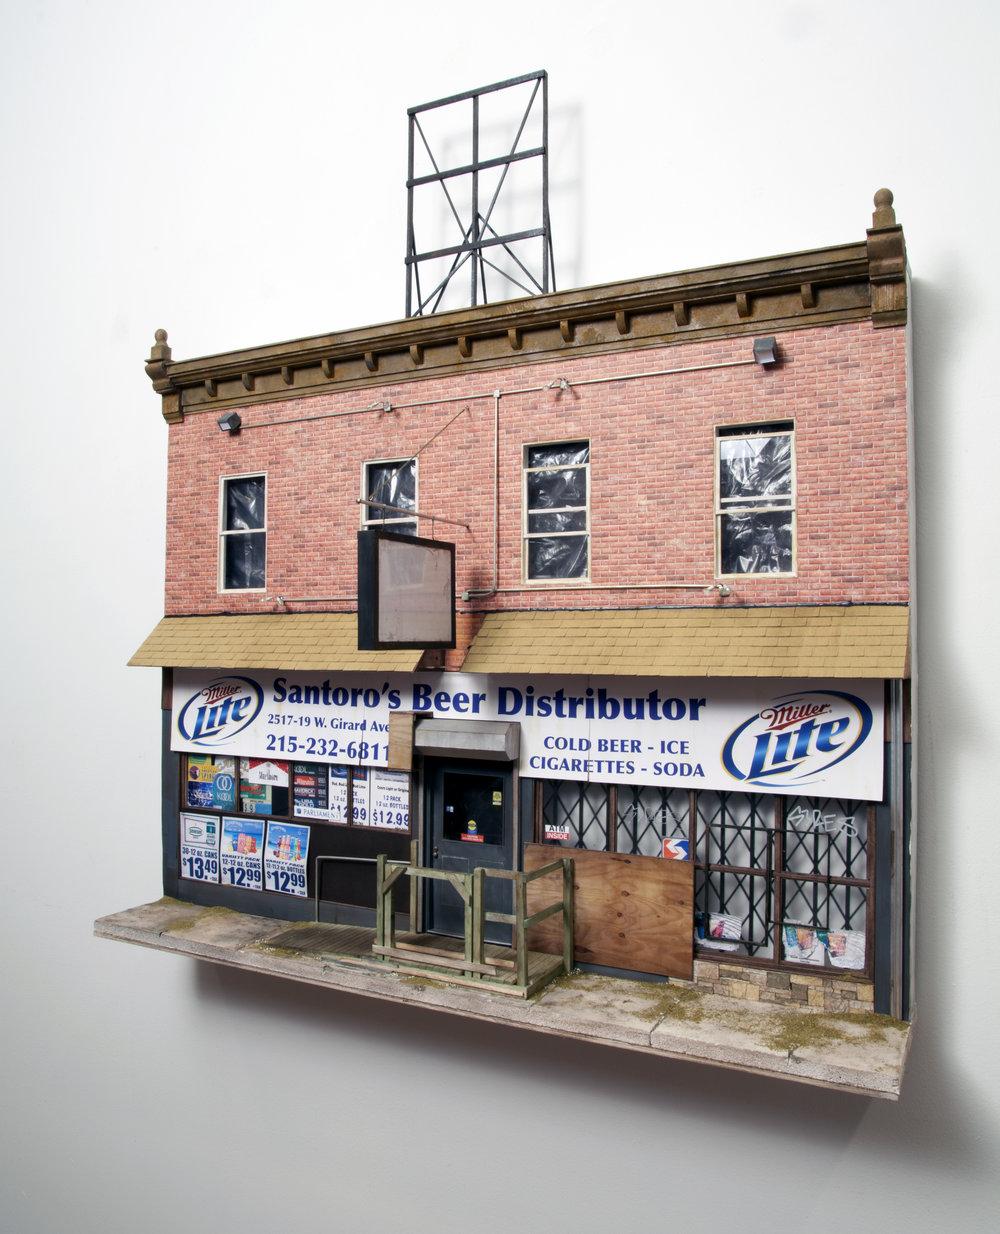 Santoro's Beer Distributor